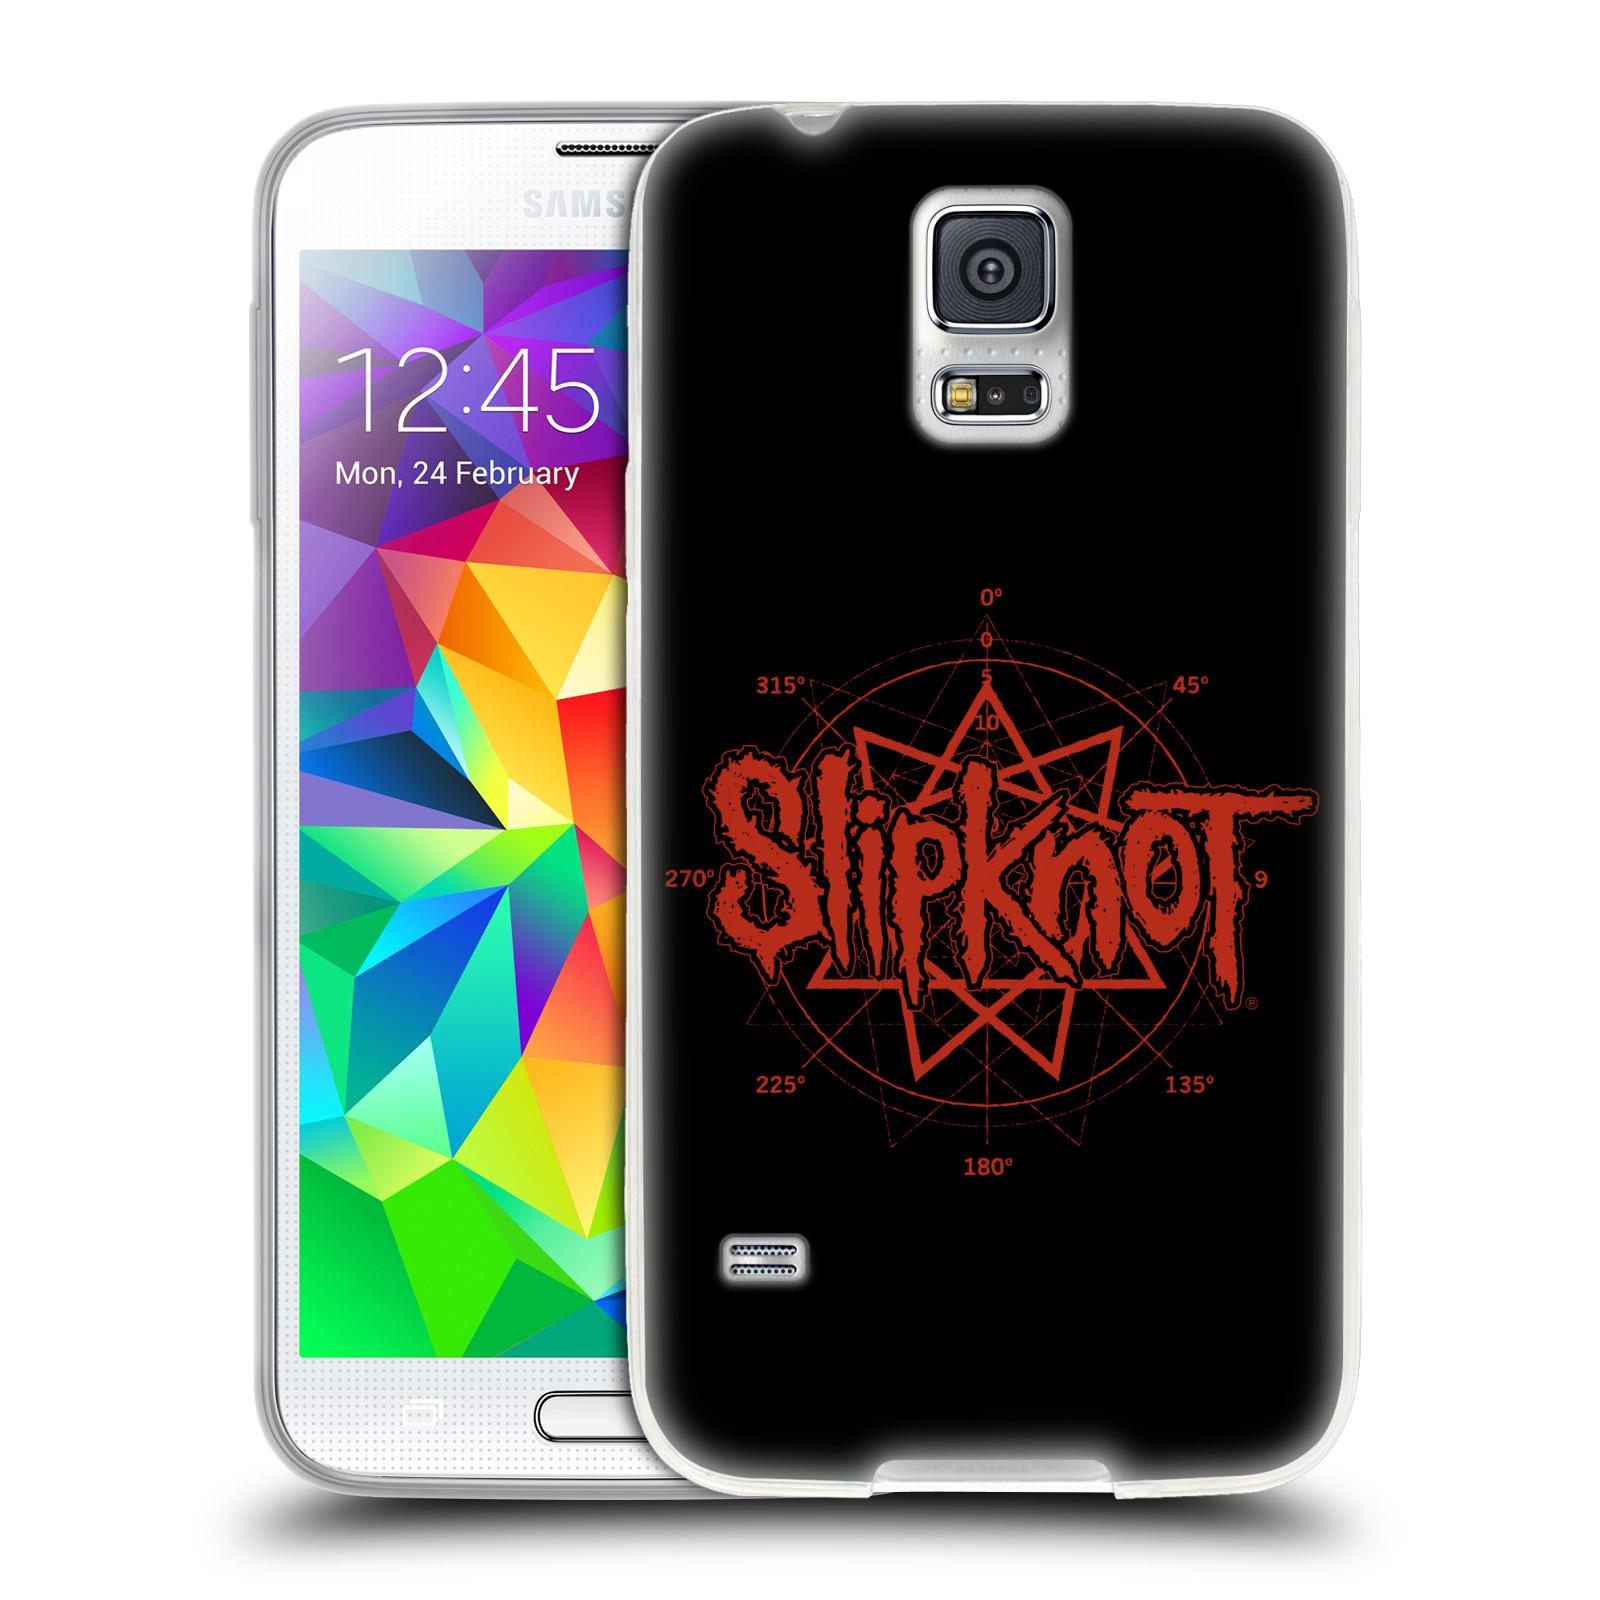 HEAD CASE silikonový obal na mobil Samsung Galaxy S5 hudební skupina Slipknot logo